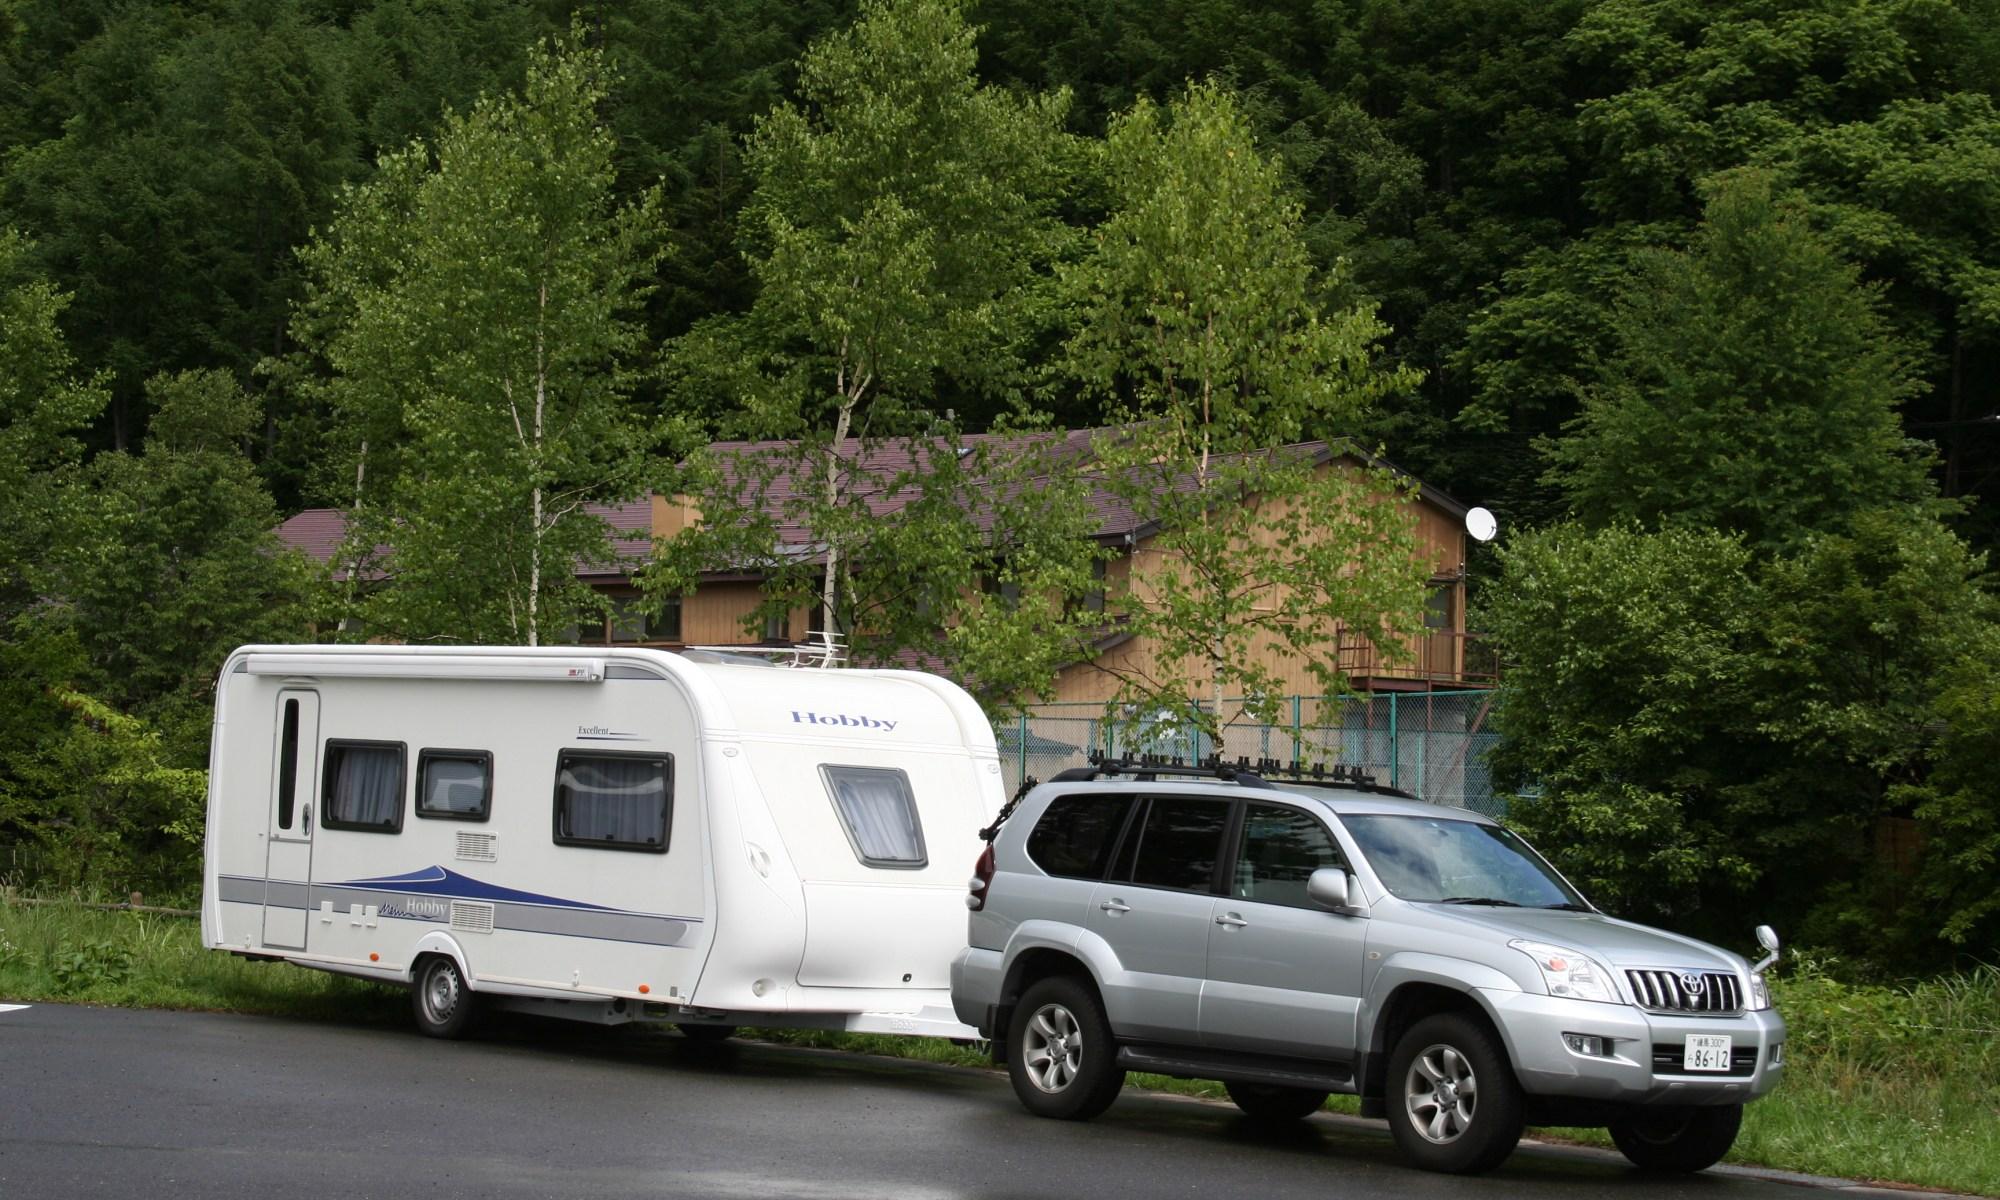 hobby, 540kmfe, camping trailer, trailer, caravan, toyota, landcruiser, 120 prado, トヨタ, ランドクルーザー, プラド, キャンピングトレーラー, キャラバン, トレーラー,